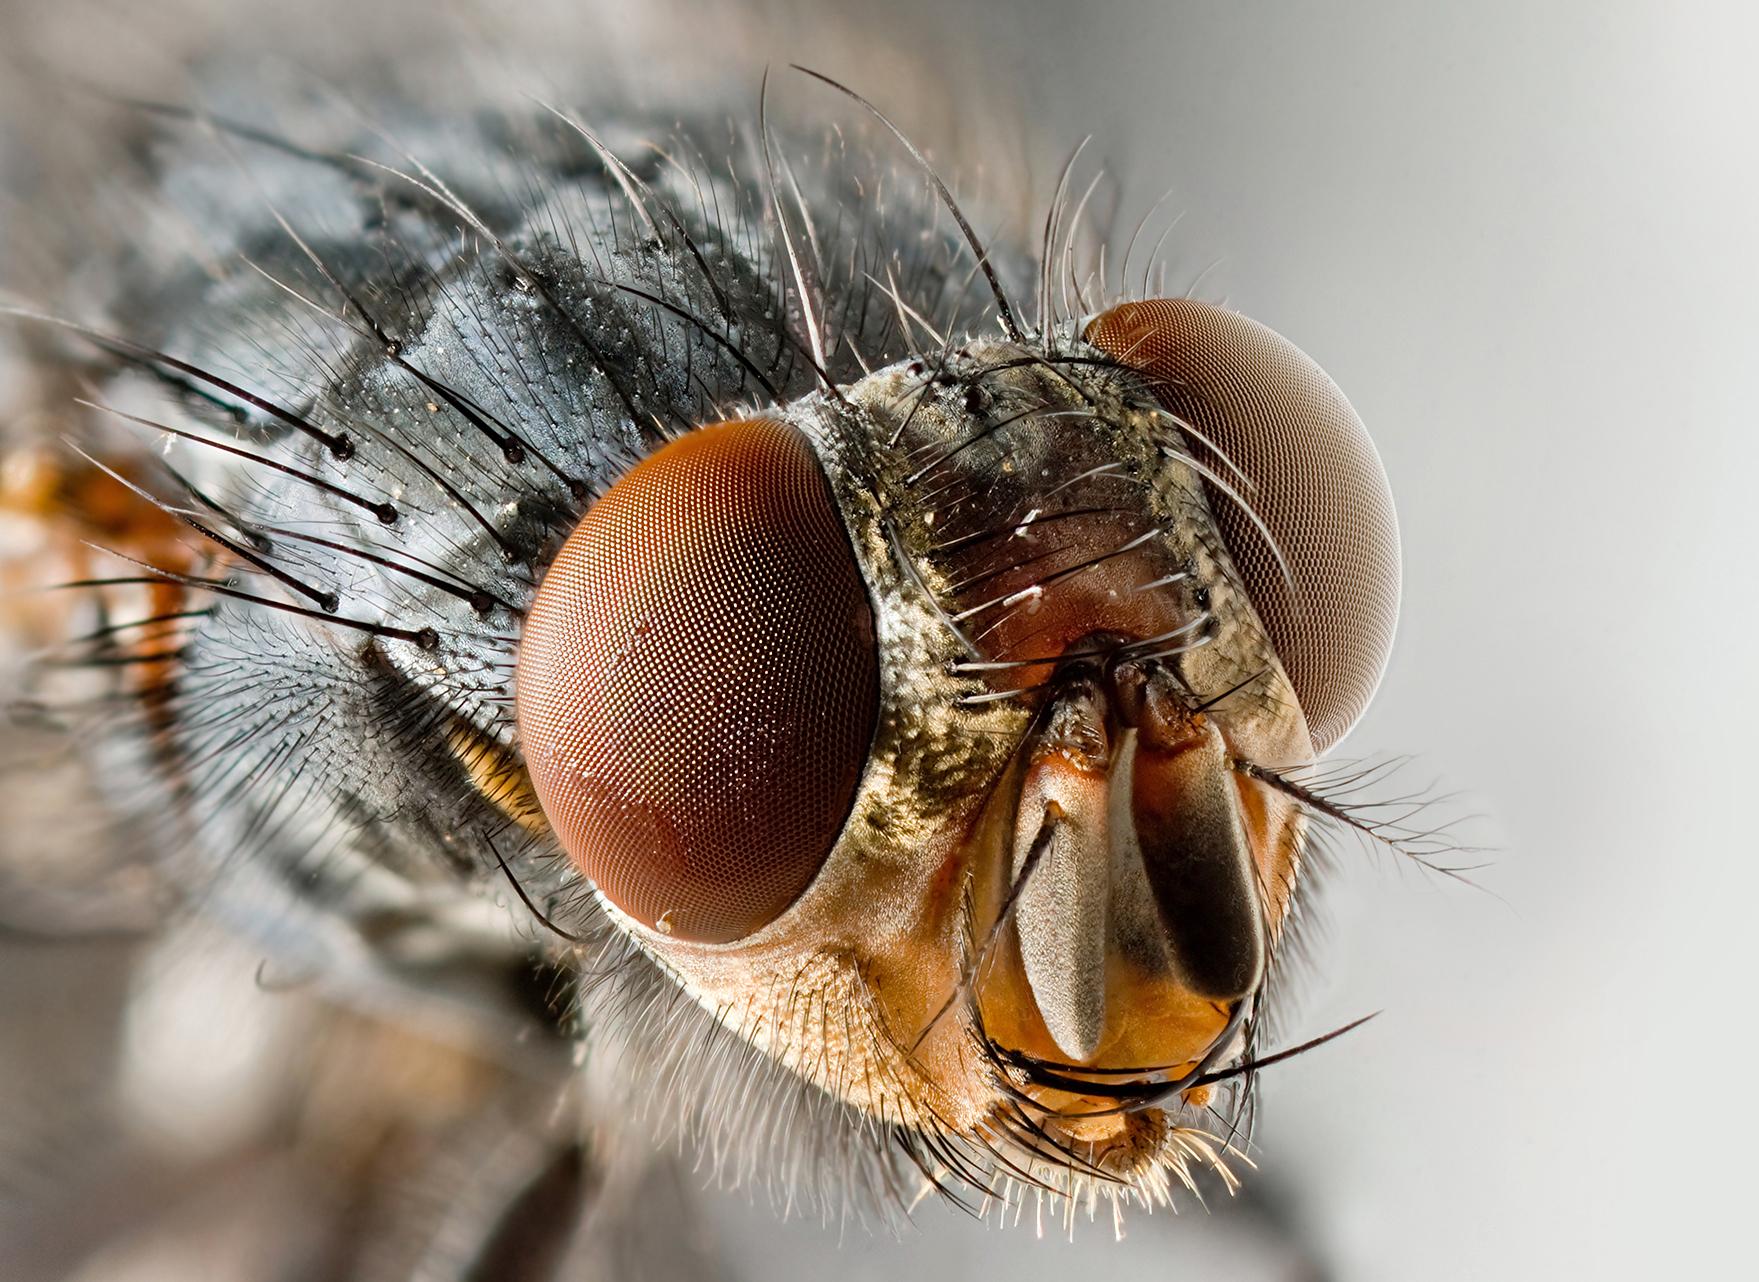 Büyük sivrisinekler: Bu böcekler tehlikeli midir